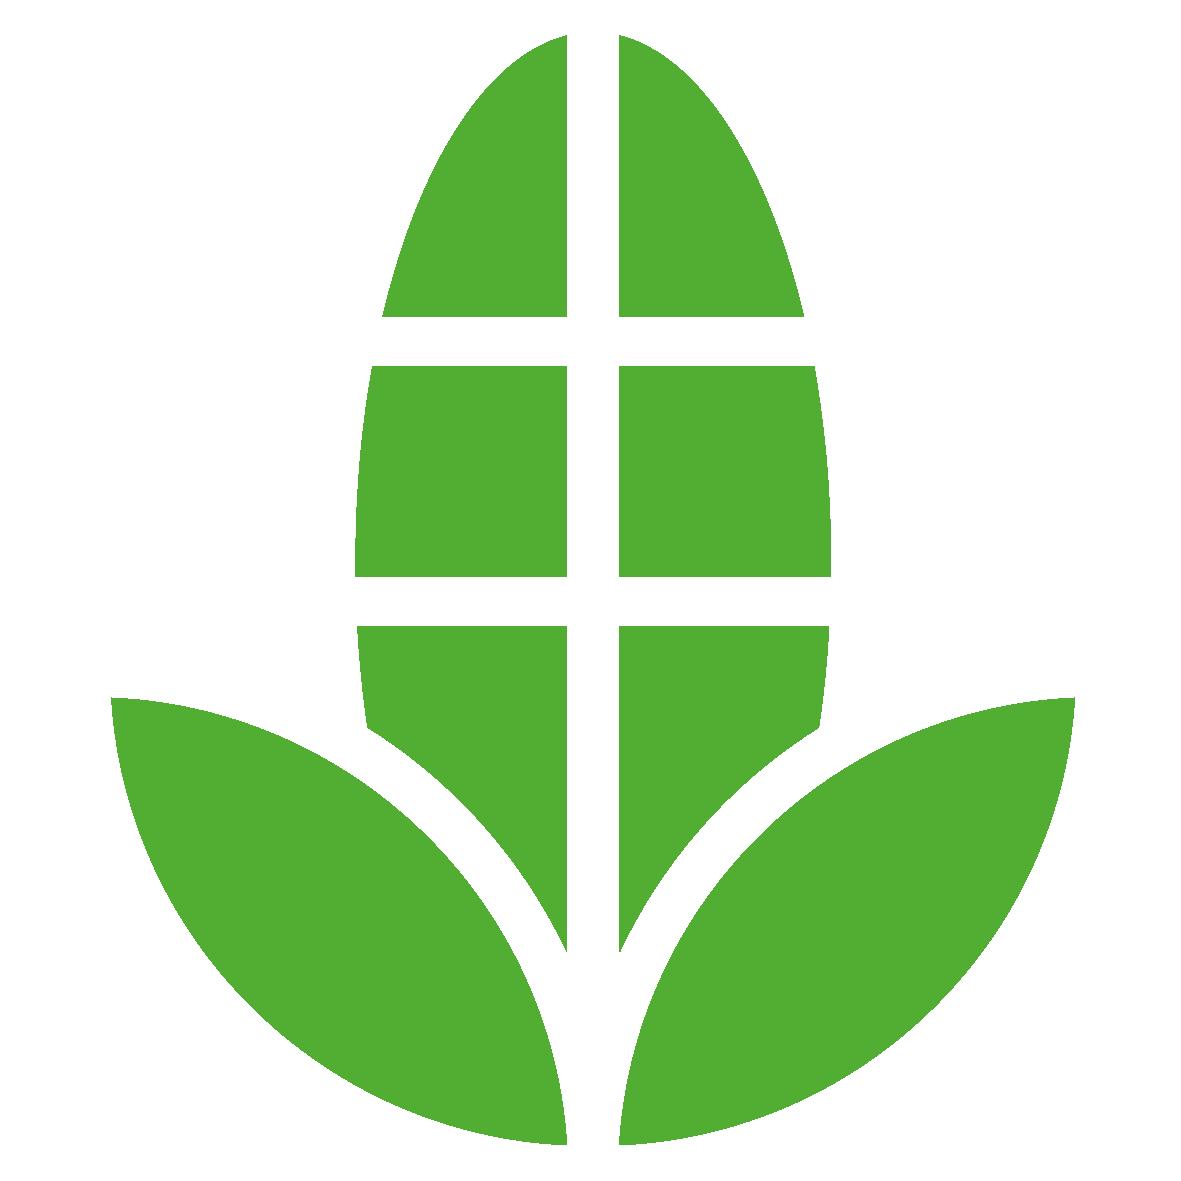 Food Security Green RGB - Sectores de intervención